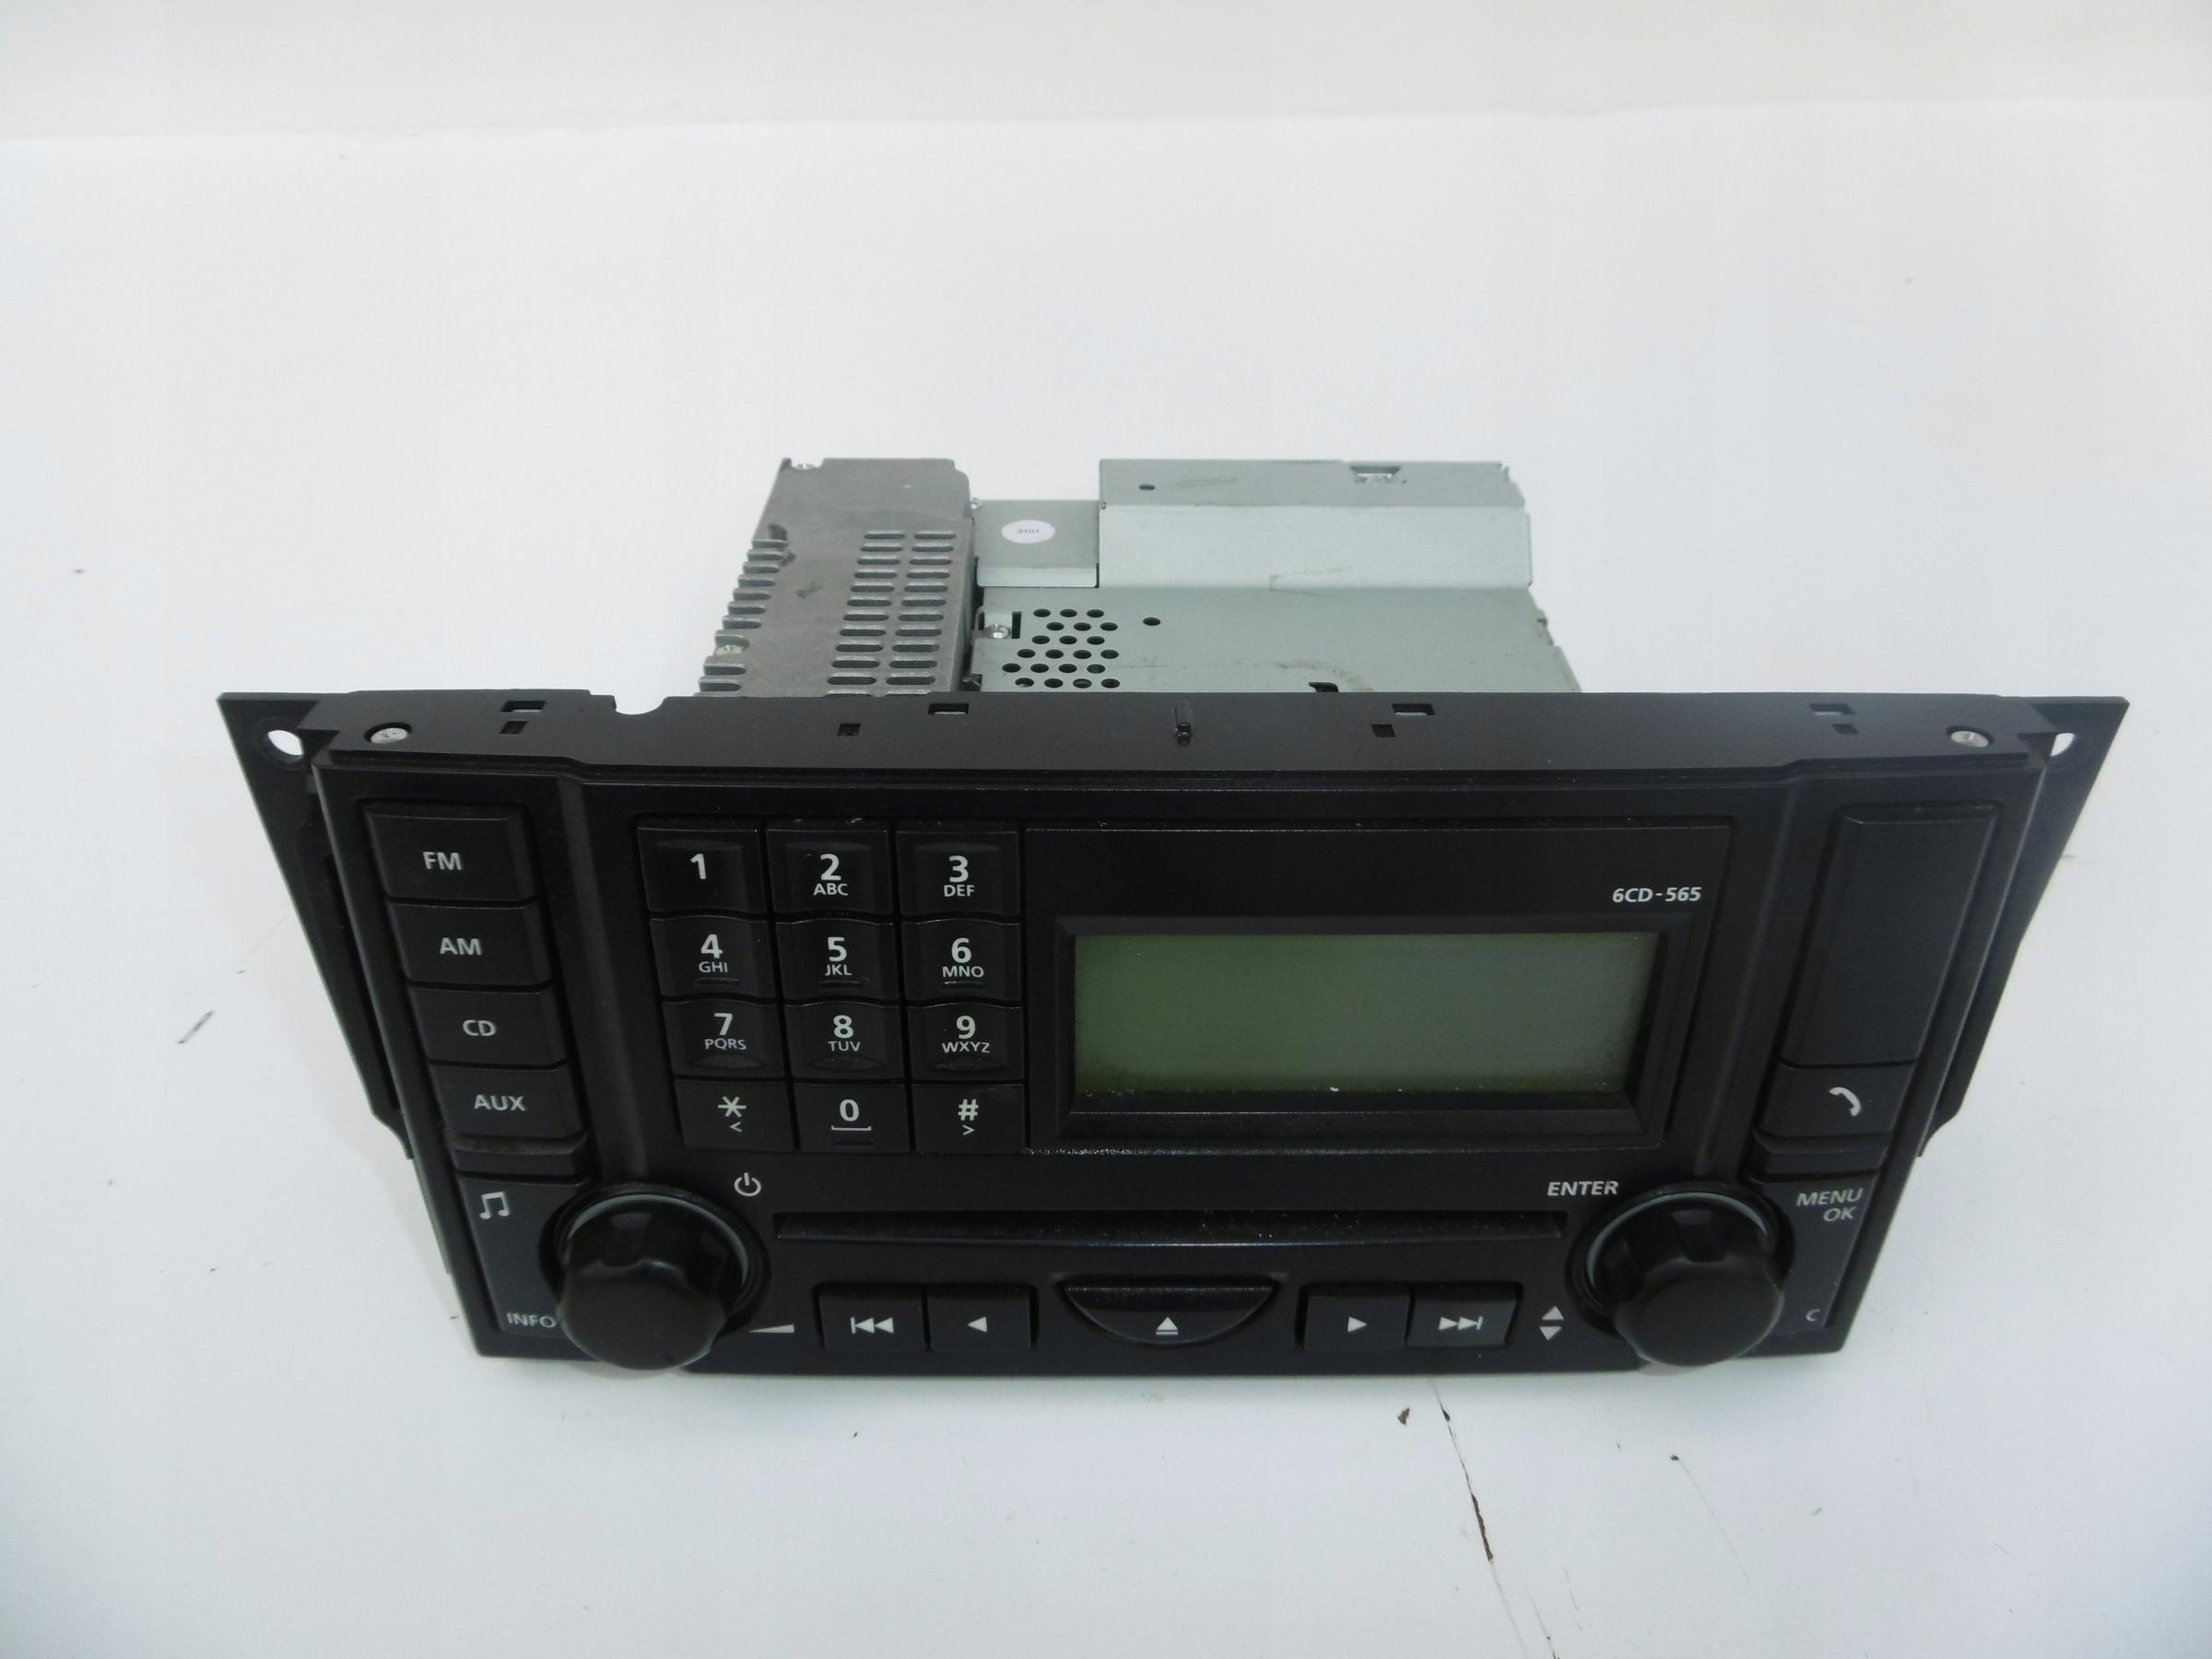 радио 8h3218c815ca range rover спорт f-vat